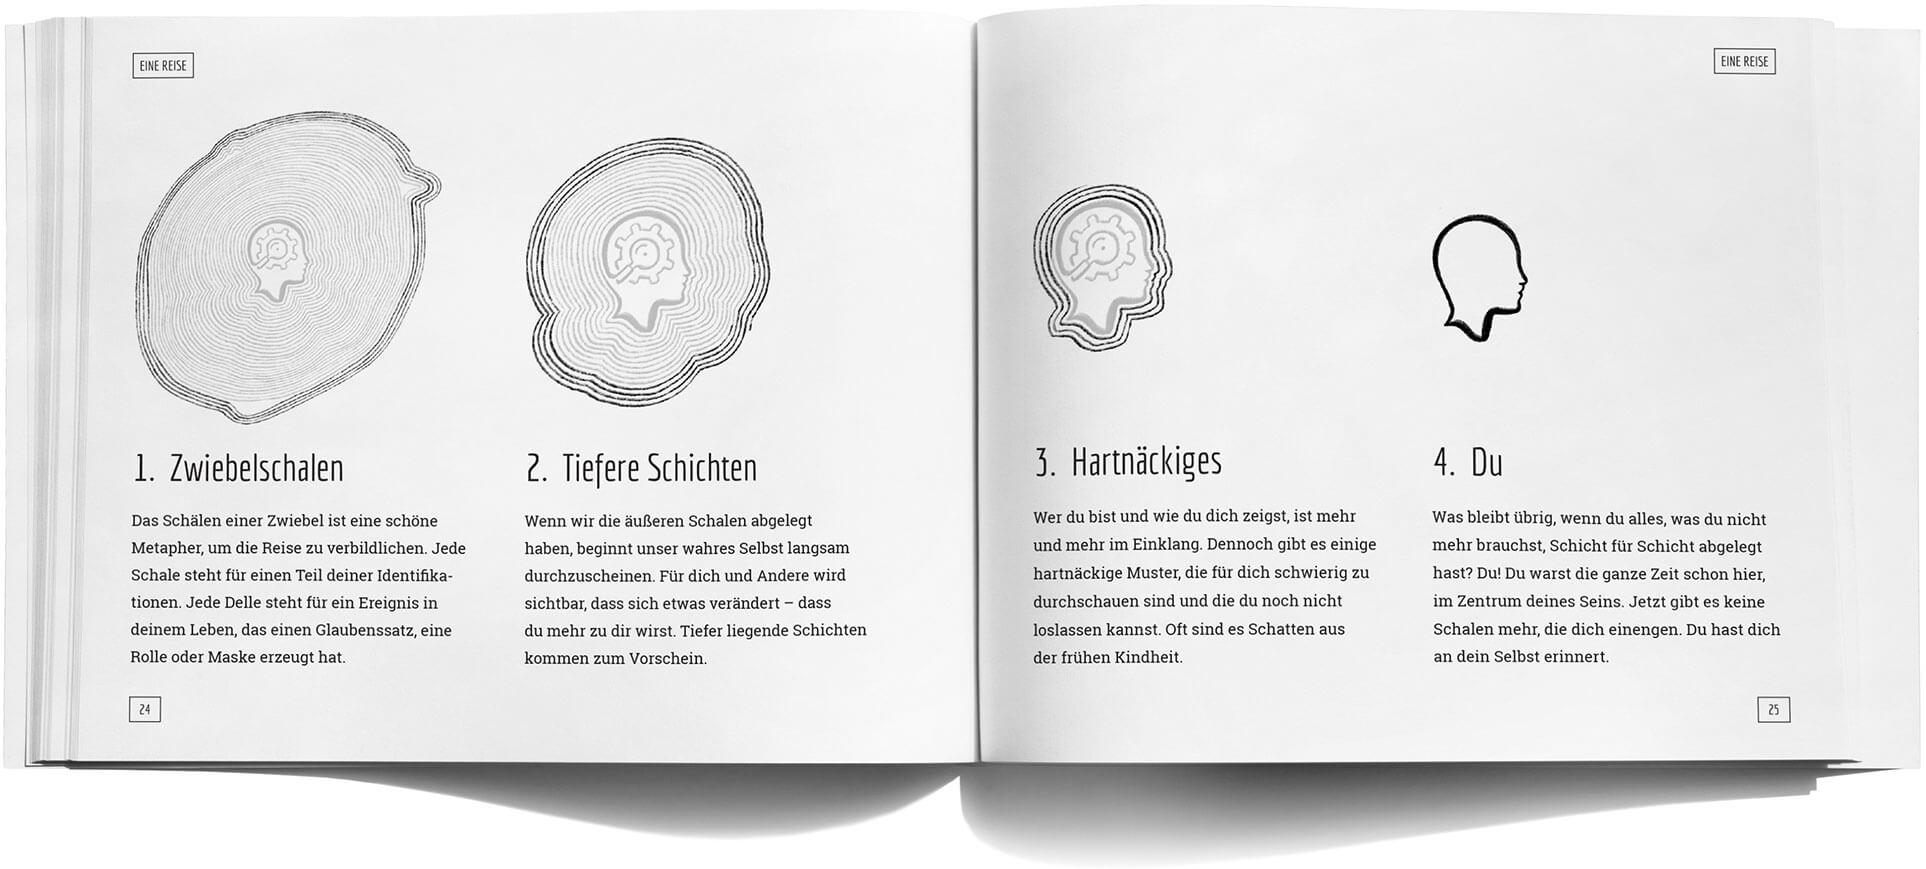 Praktische Spiritualität für das Leben, wie es wirklich ist Arbeitsbuch - Auszug 3 - Mathias Fritzen